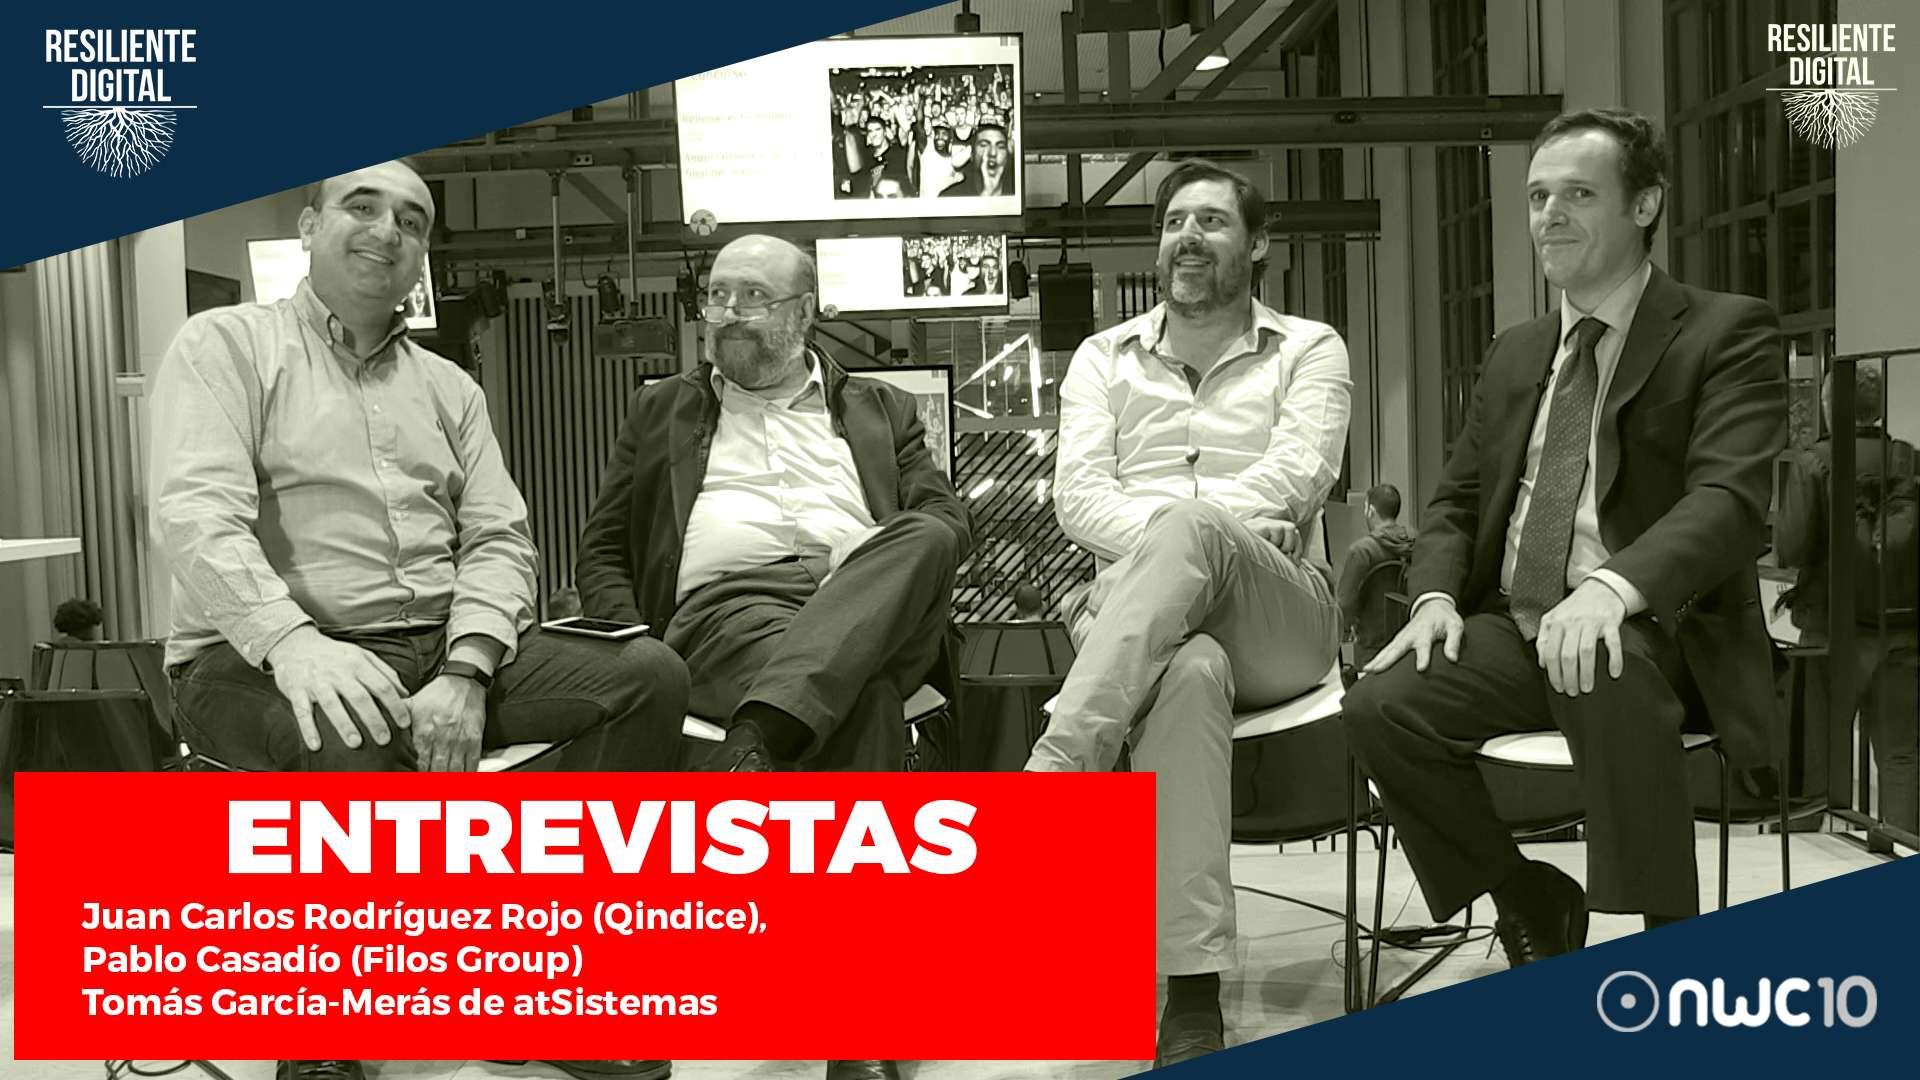 Entrevista con Entrevista con Juan Carlos Rodríguez Rojo, Tomás García-Merás y Pablo Casadío